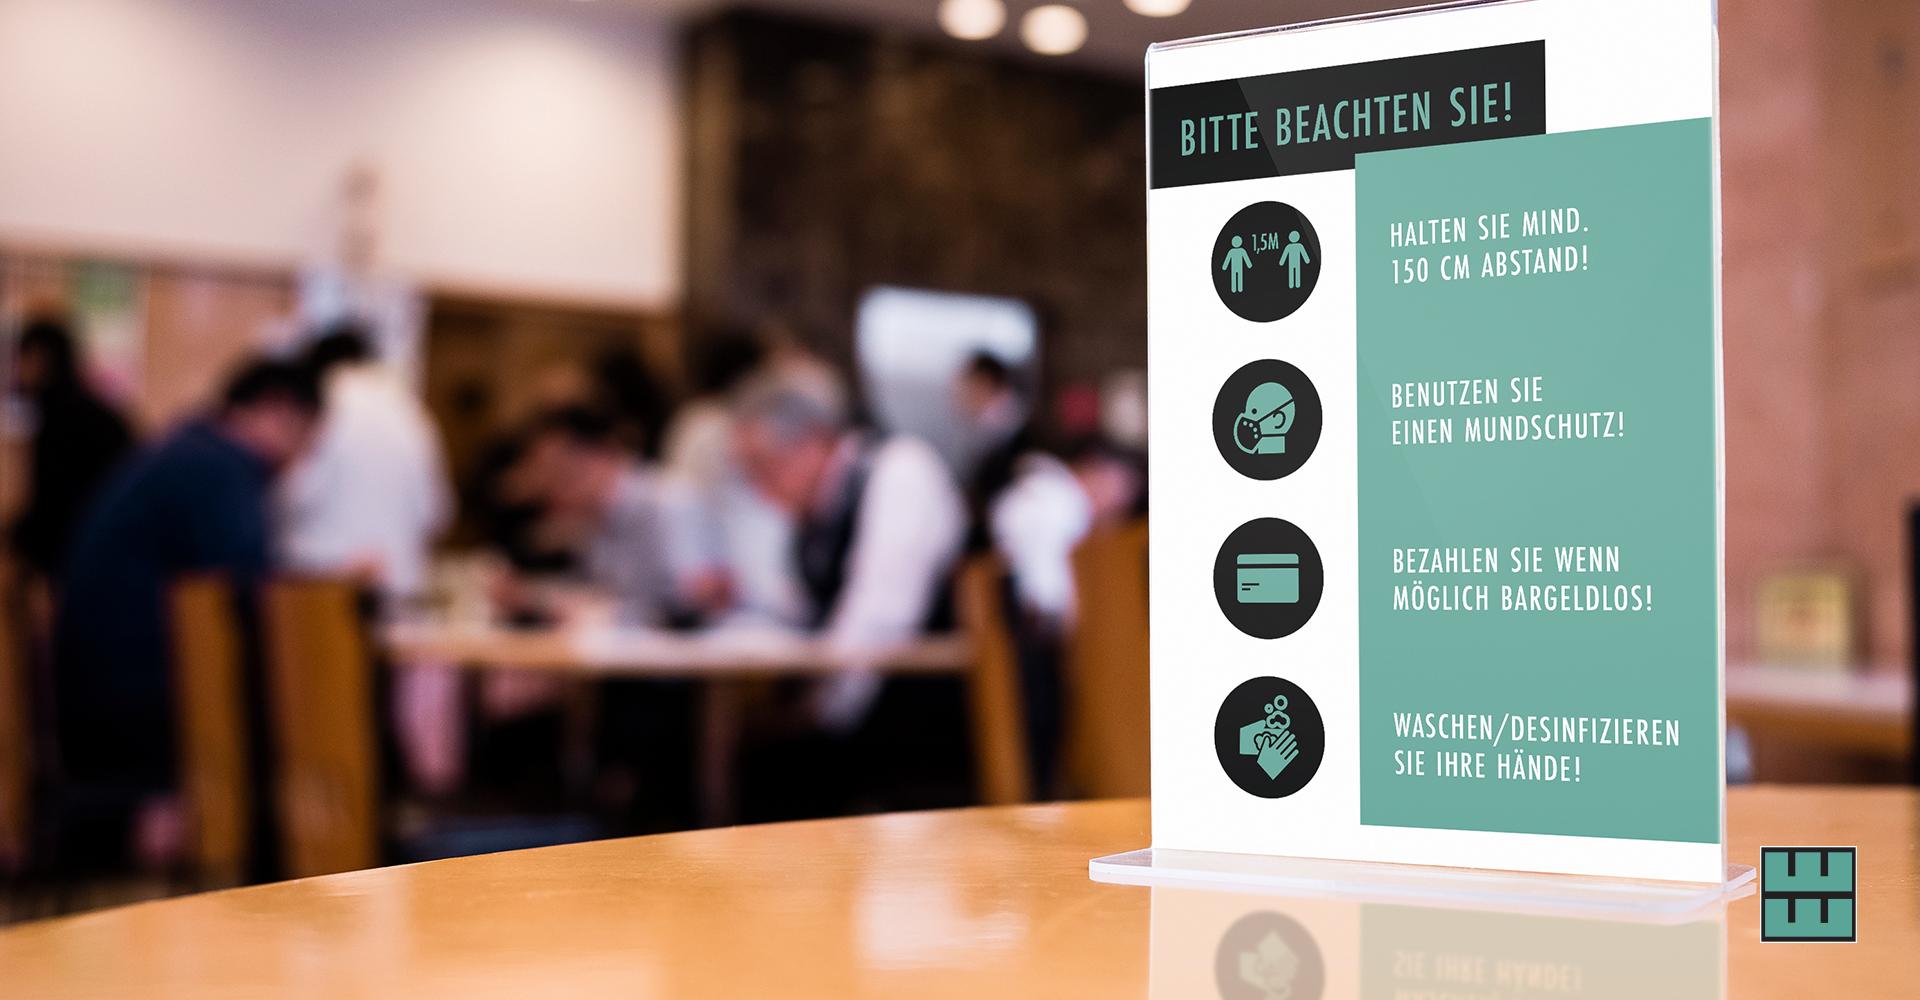 Ab dem 11.05.2020 darf die Gastronomie wieder öffnen! Jetzt Hygieneschutz sichern: Tischaufsteller mit Hygieneregeln